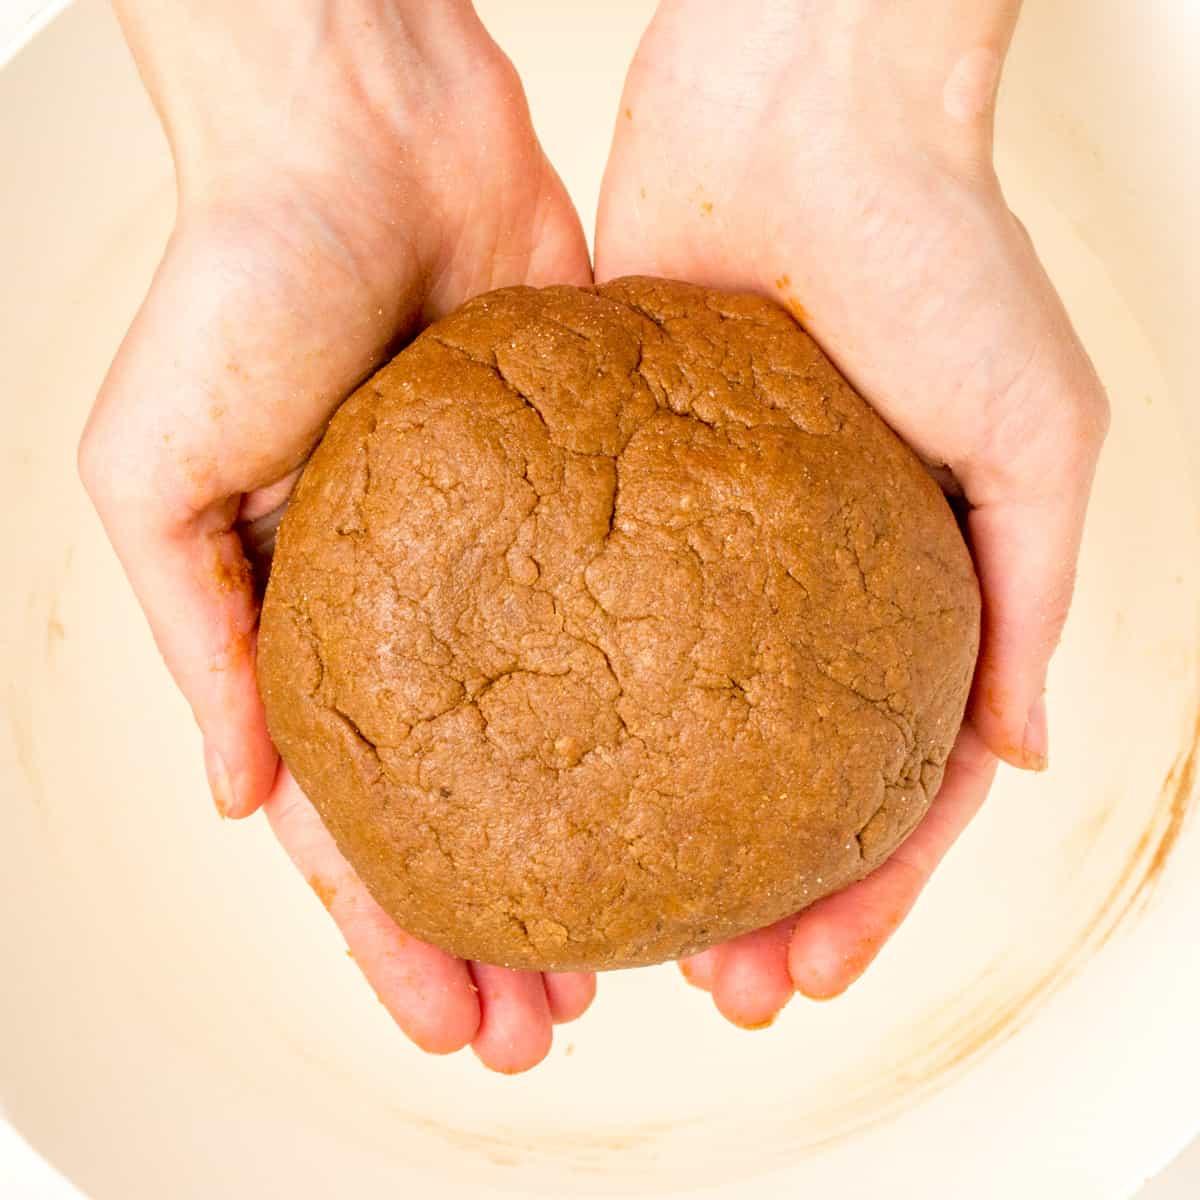 Hands hold a ball of the lebkuchen dough.